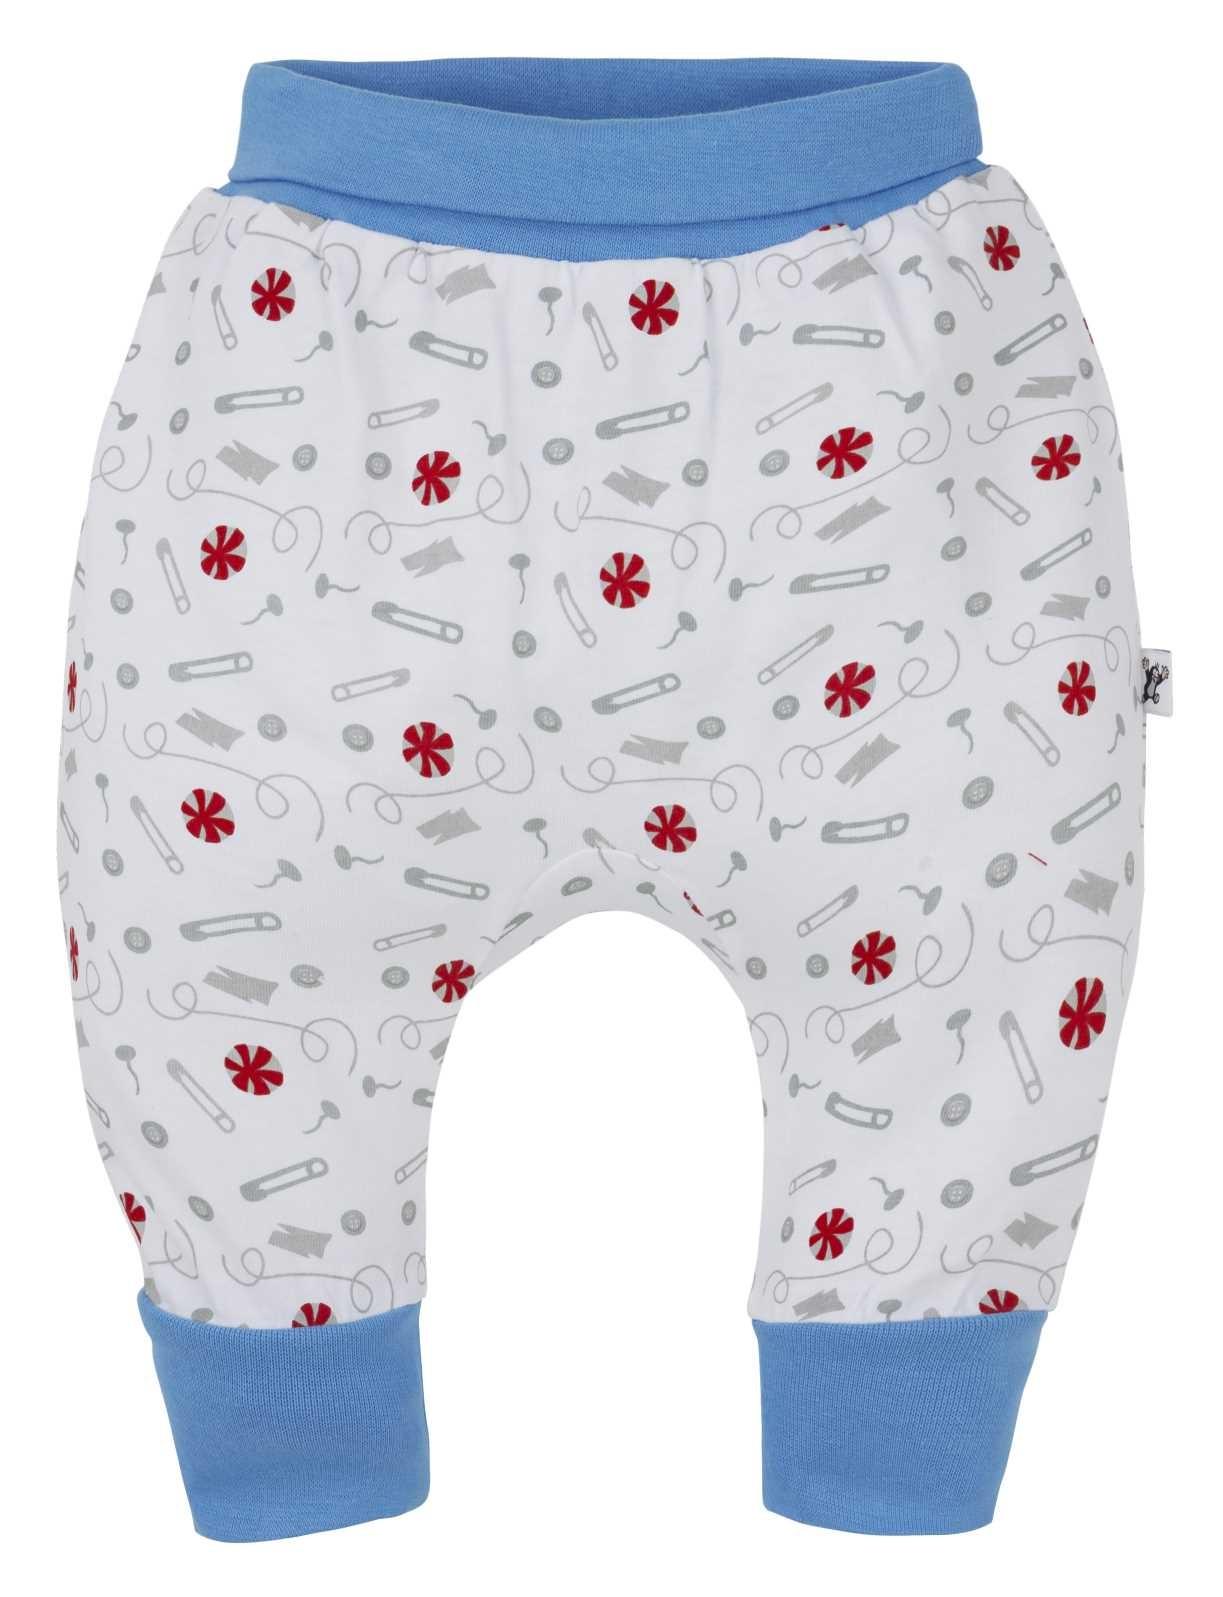 Gmini Kalhoty do pasu KRTEK kalhotky chlapec potisk 86 cm